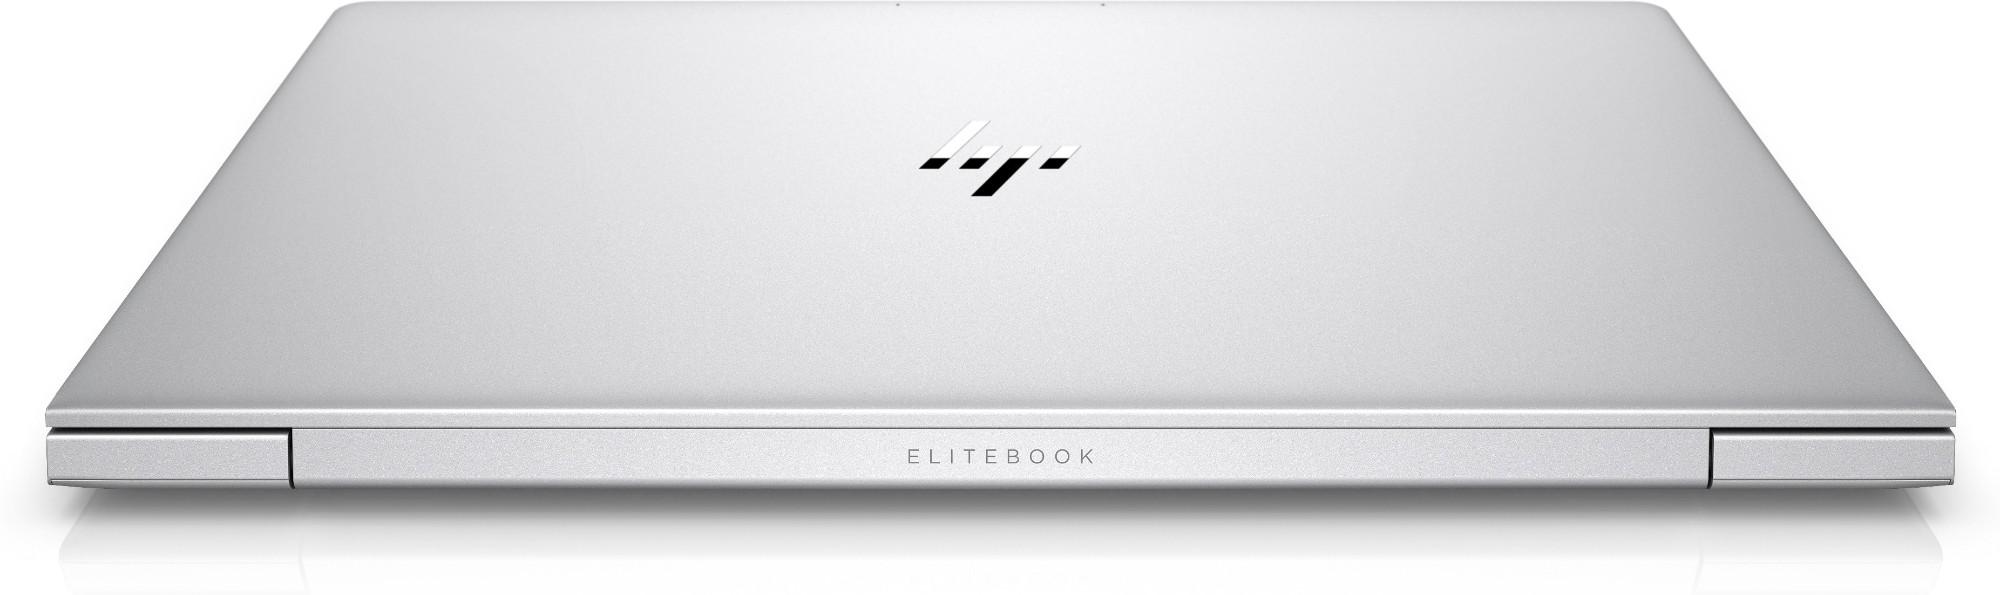 Kết quả hình ảnh cho hp elitebook 840 g5